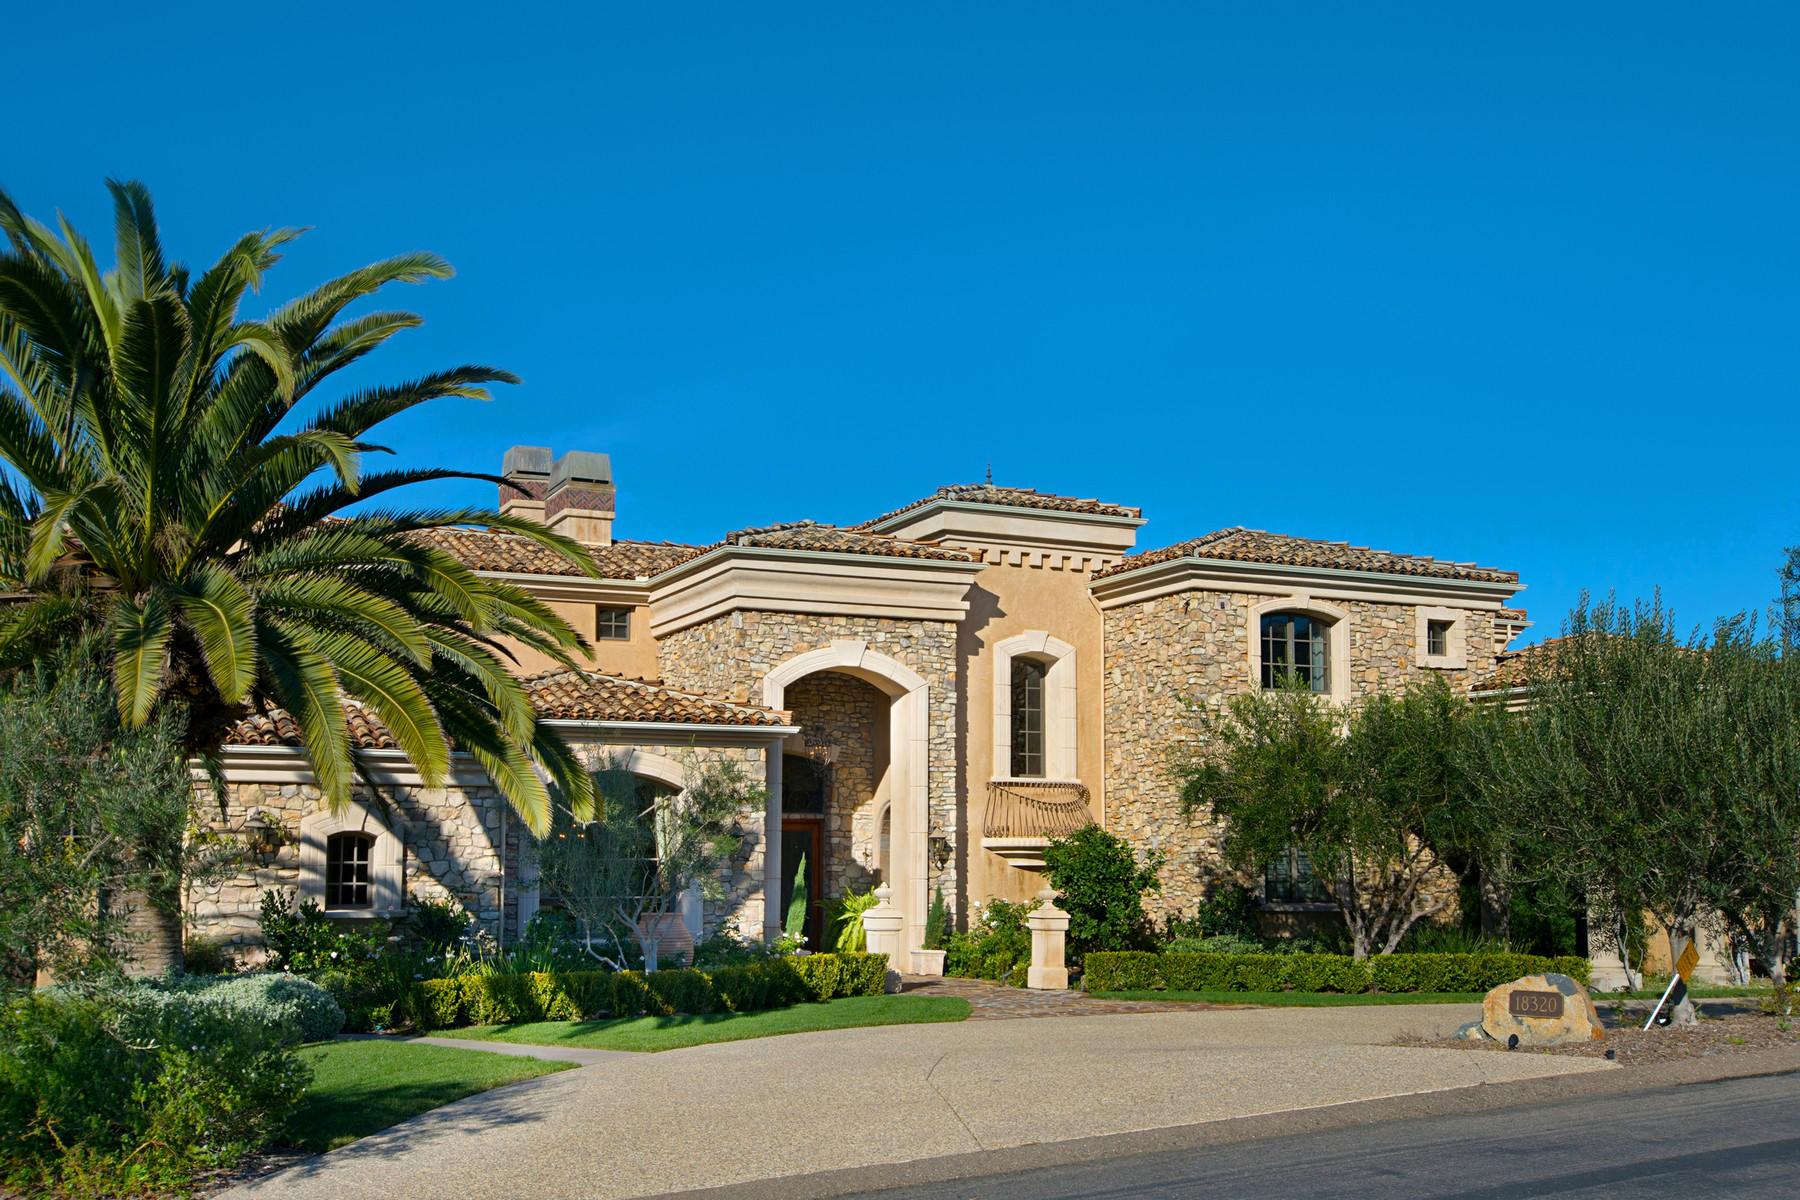 Casa Unifamiliar por un Venta en 18320 Via Ambiente Rancho Santa Fe, California, 92067 Estados Unidos